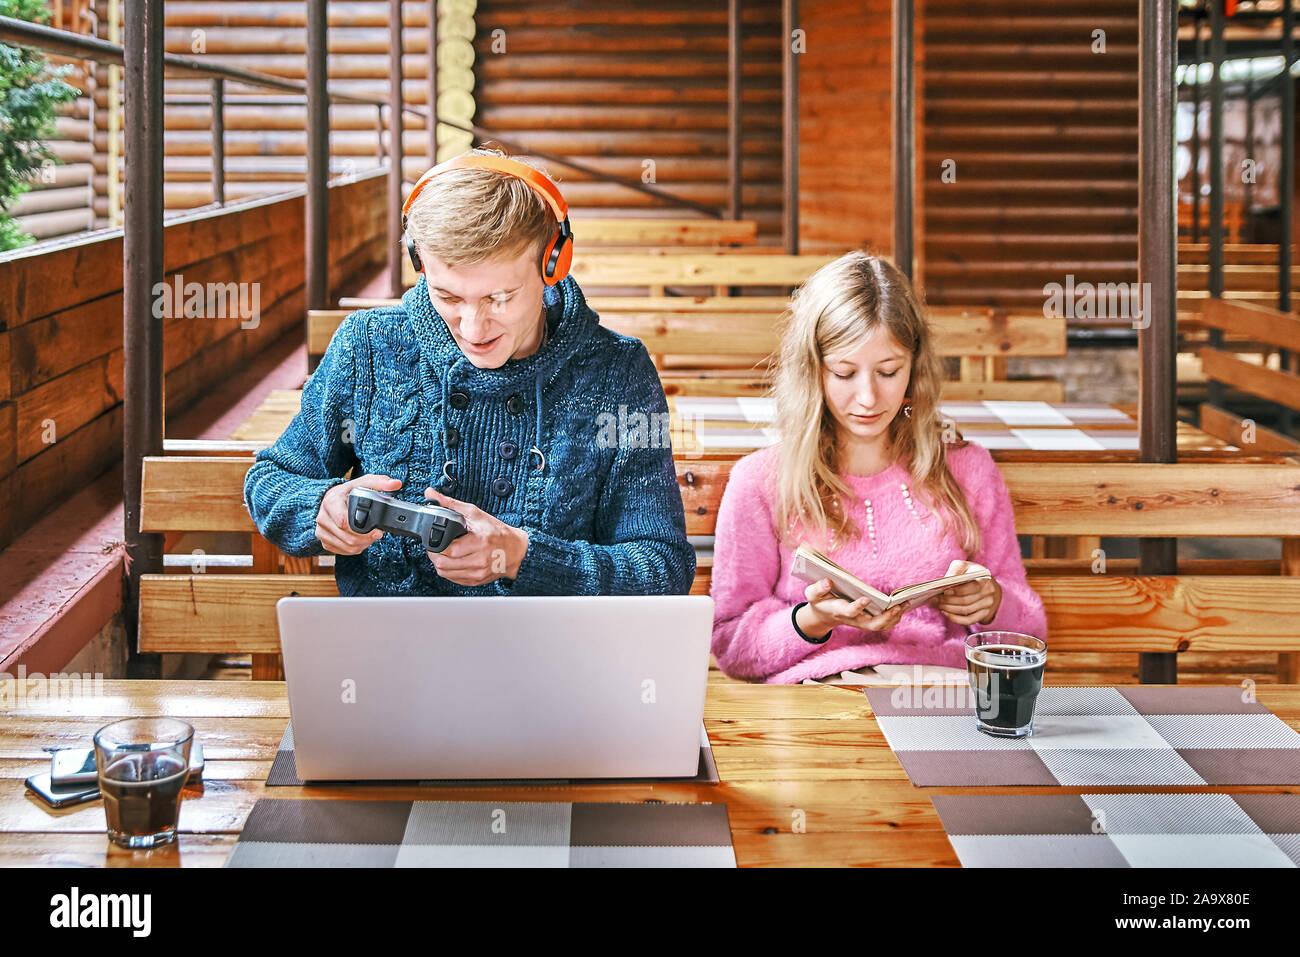 Chico juega los juegos en un ordenador portátil en un café cercano a la chica está leyendo un libro concepto de desgaste. Foto de stock